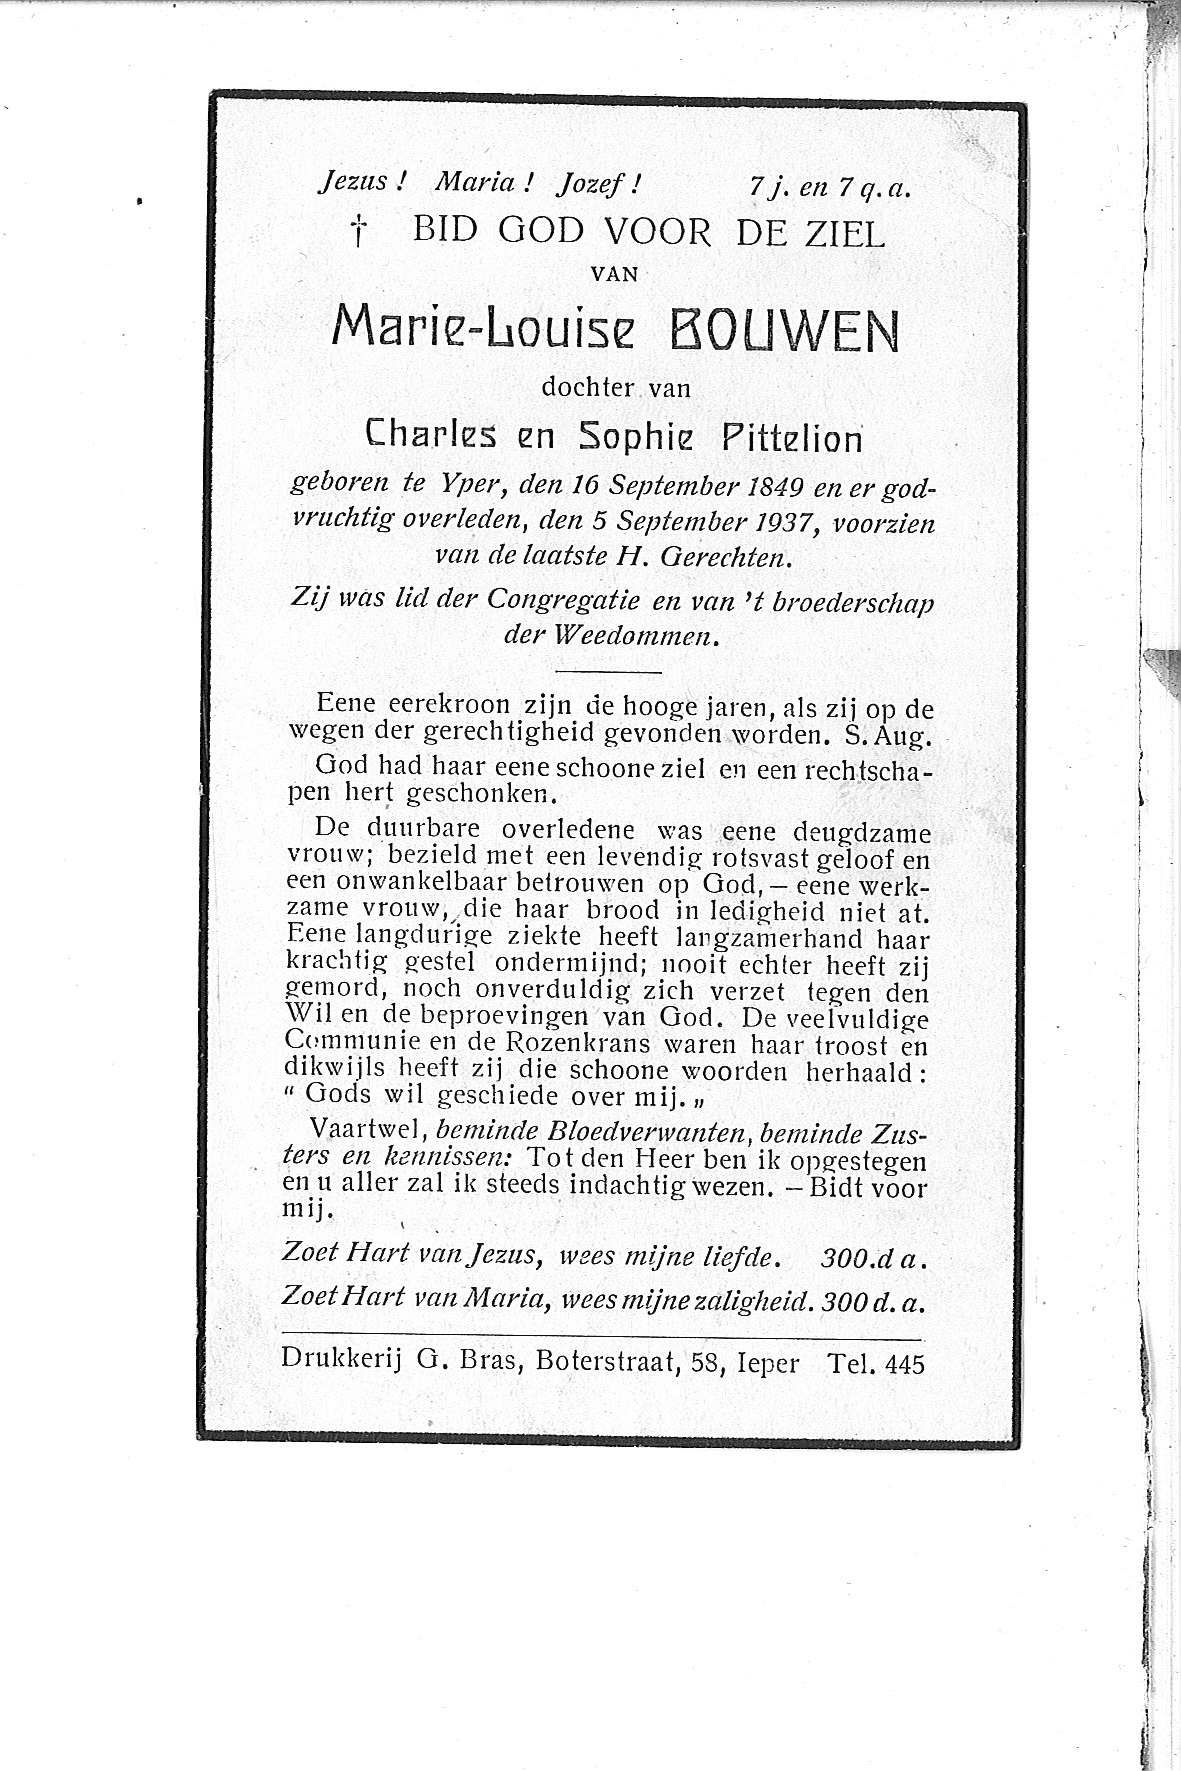 Marie-Louise (1937) 20110712125805_00102.jpg